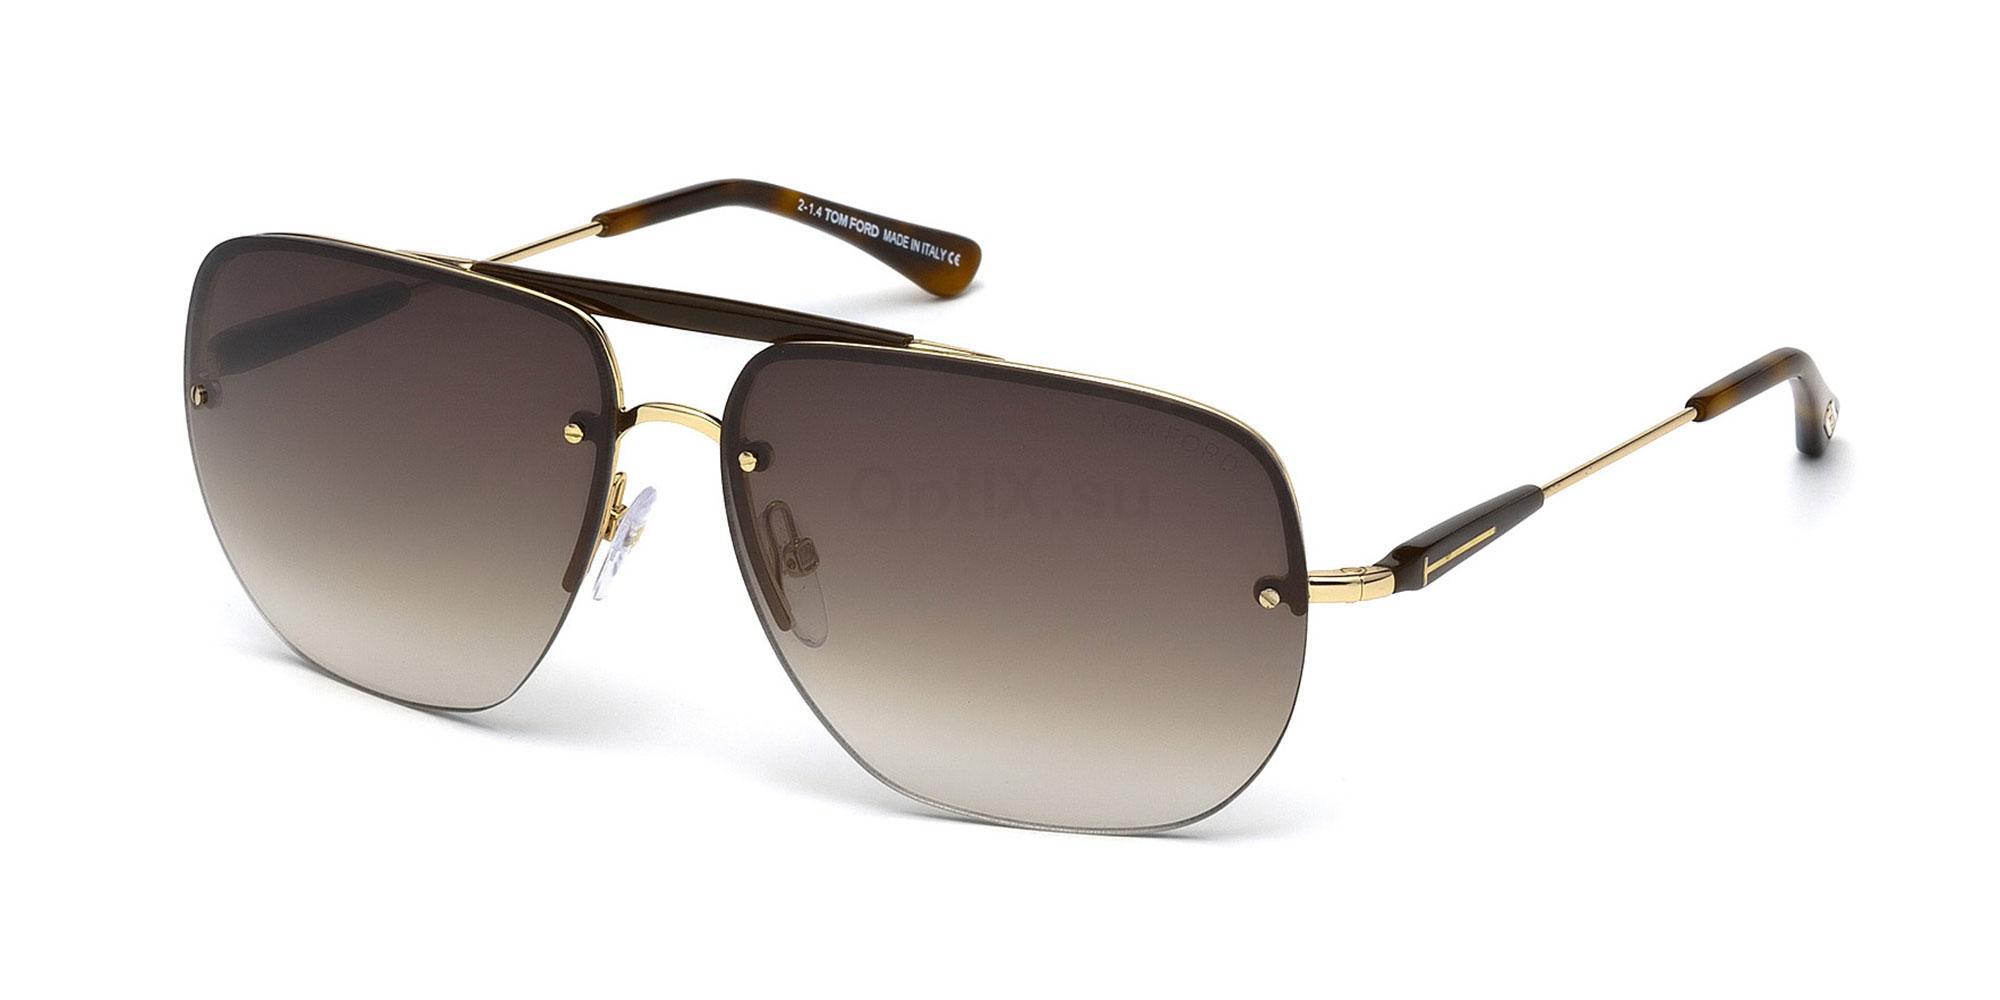 28F FT0380 Sunglasses, Tom Ford